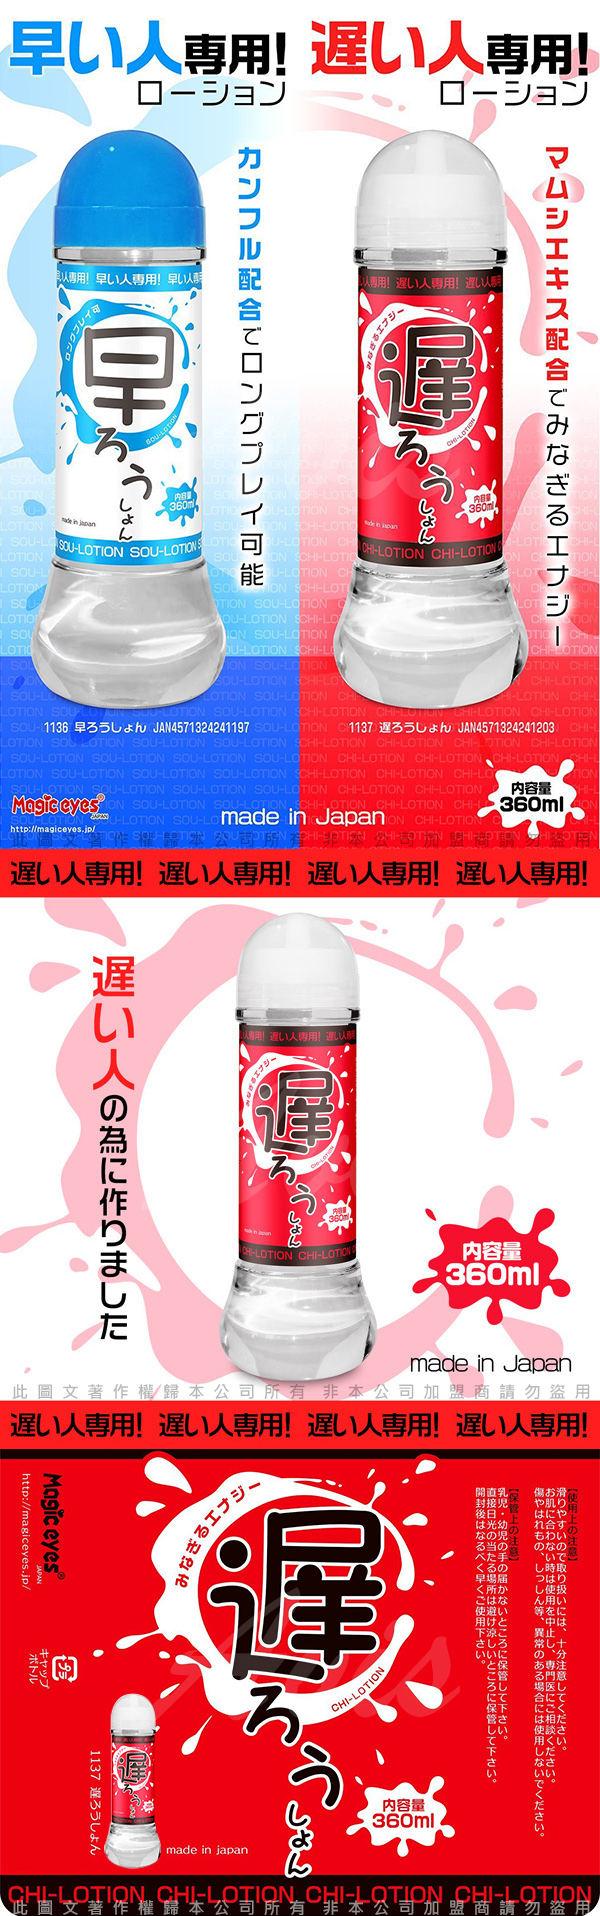 日本Magic Eyes MON 遲人 專用訓練潤滑液 360ML